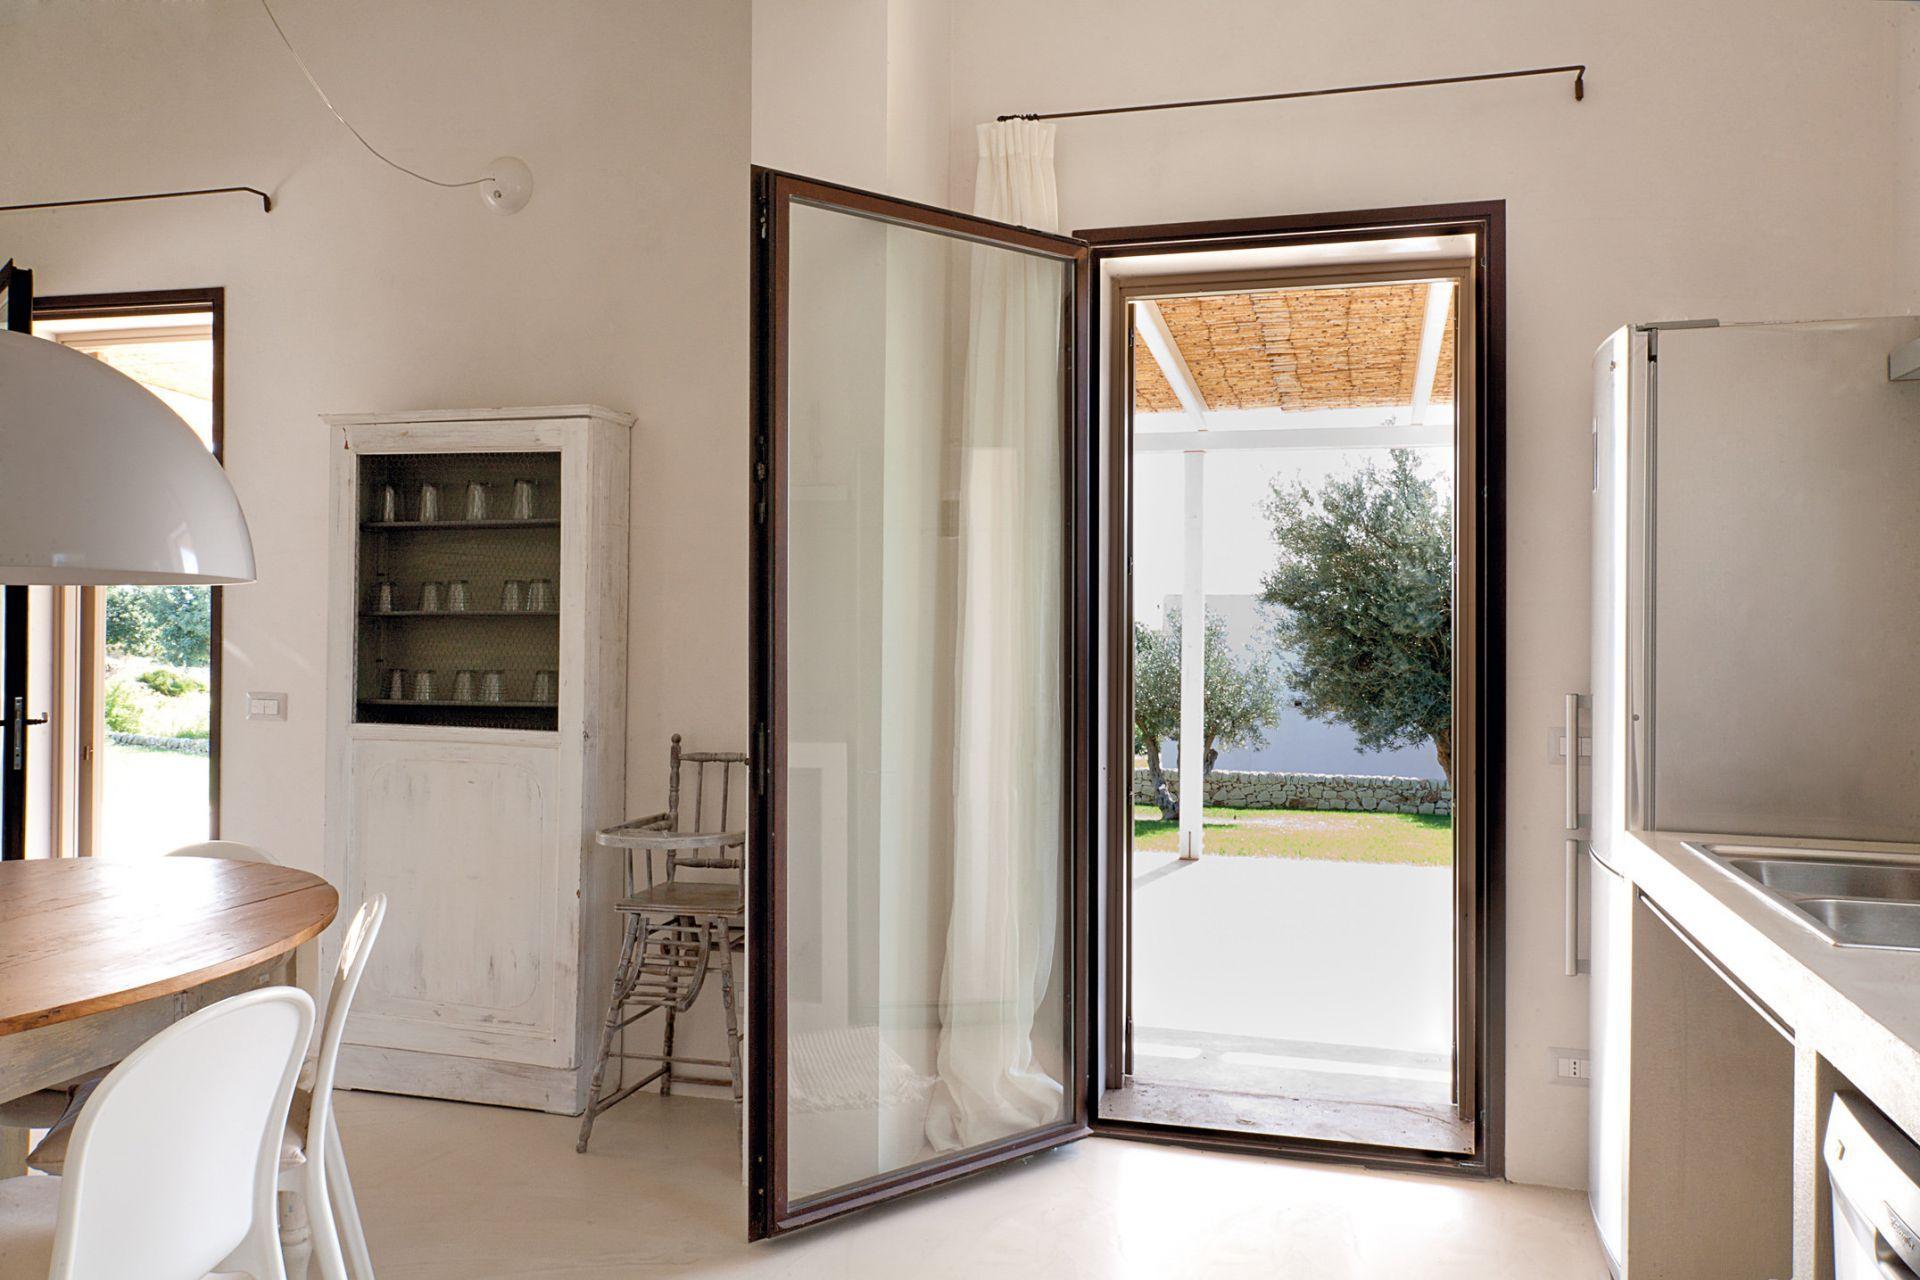 Porte finestre campagna cerca con google lucia&lorenzo pinterest